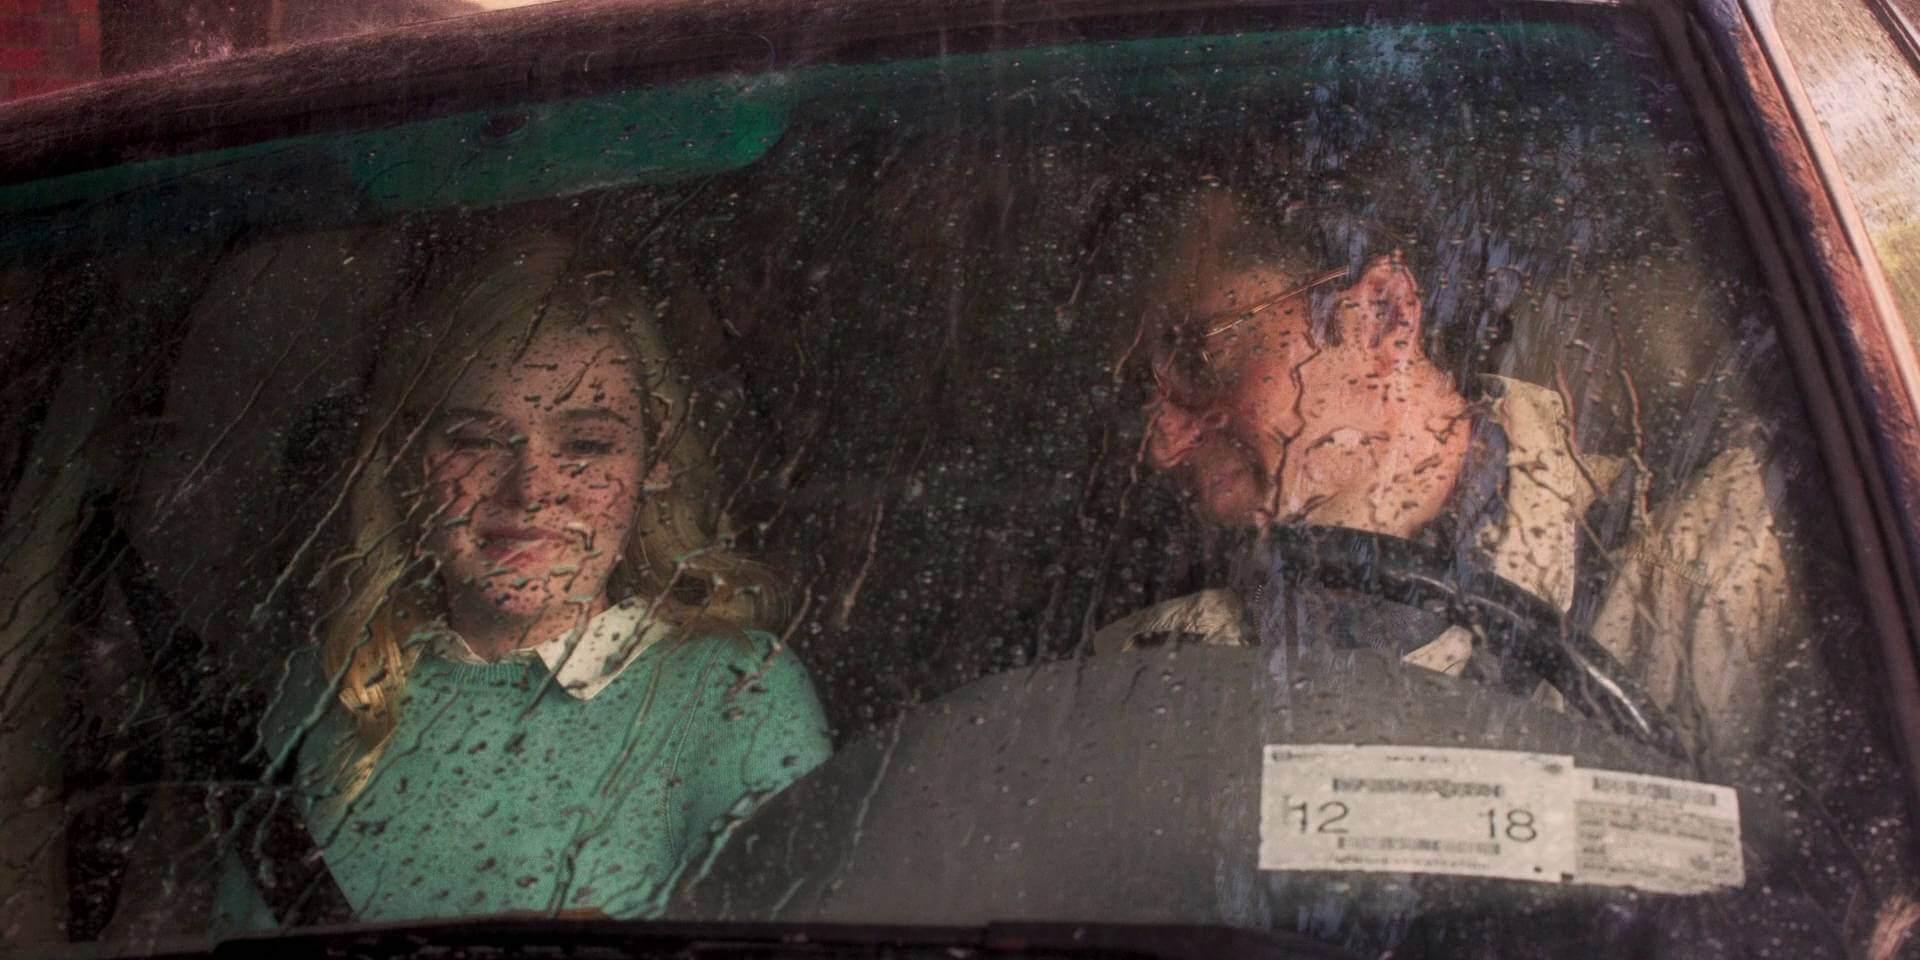 кадры из фильма Дождливый день в Нью-Йорке, реж. Вуди Аллен